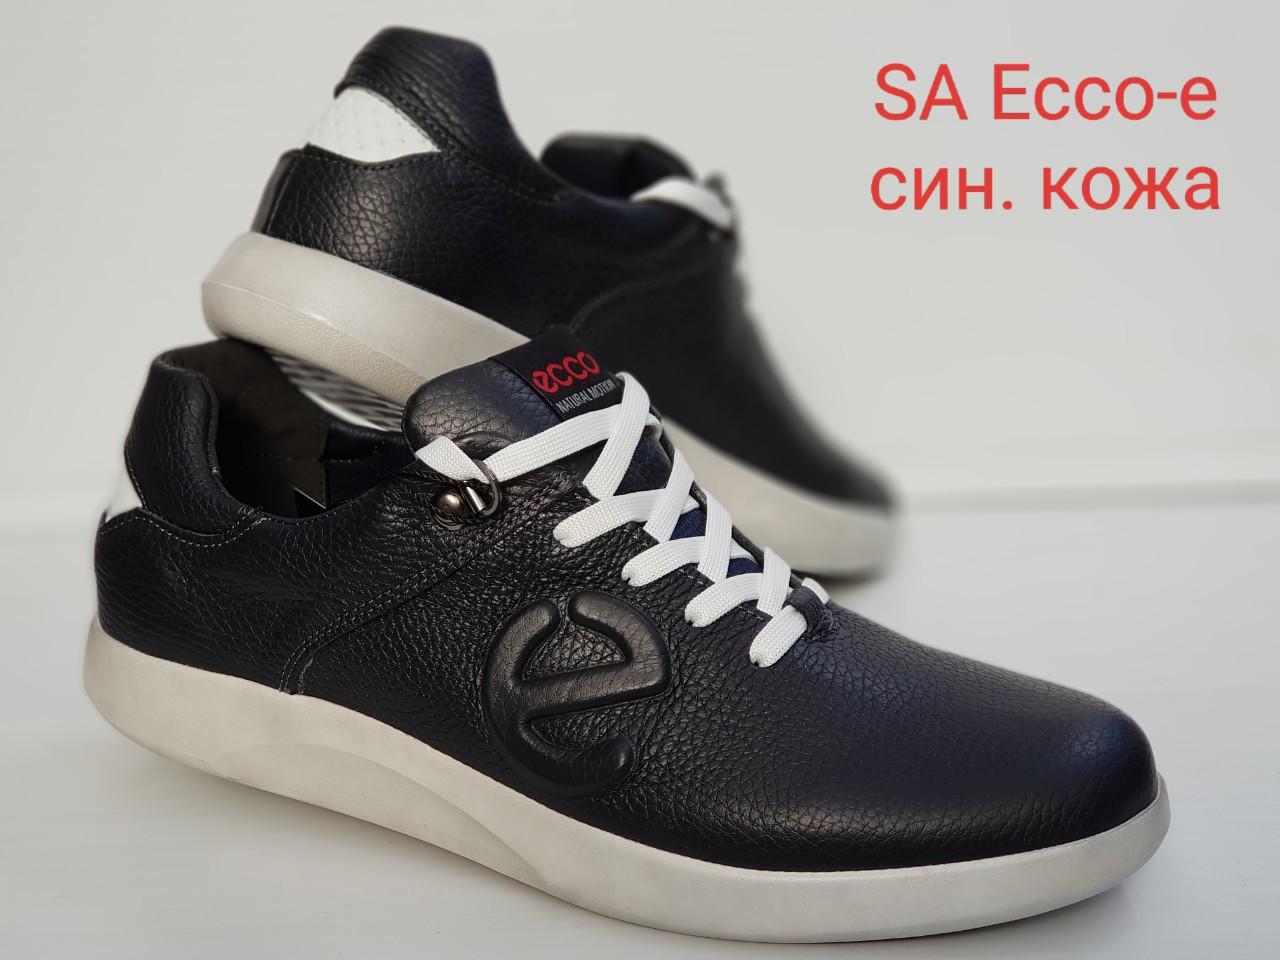 Кроссовки SA Ecco- e синие